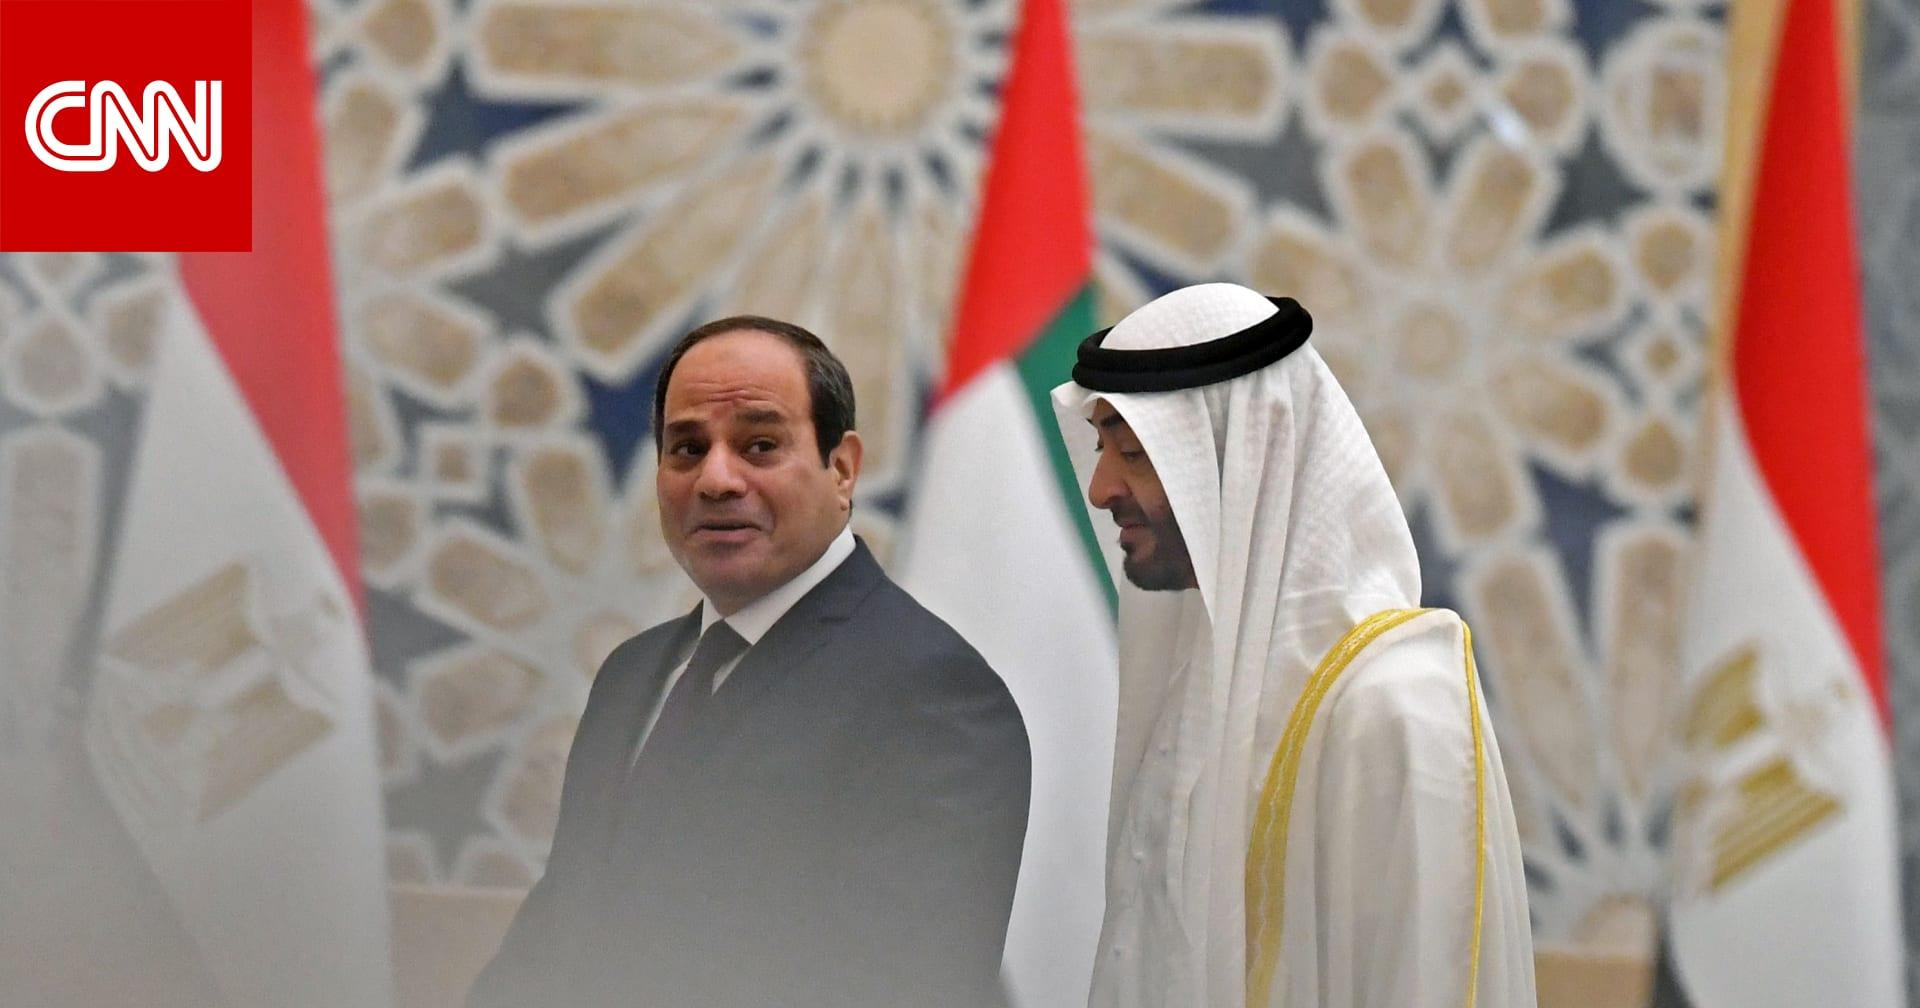 بحضور محمد بن زايد.. السيسي يفتتح قاعدة بحرية ضخمة تطل على الساحل الشمالي غرب مصر